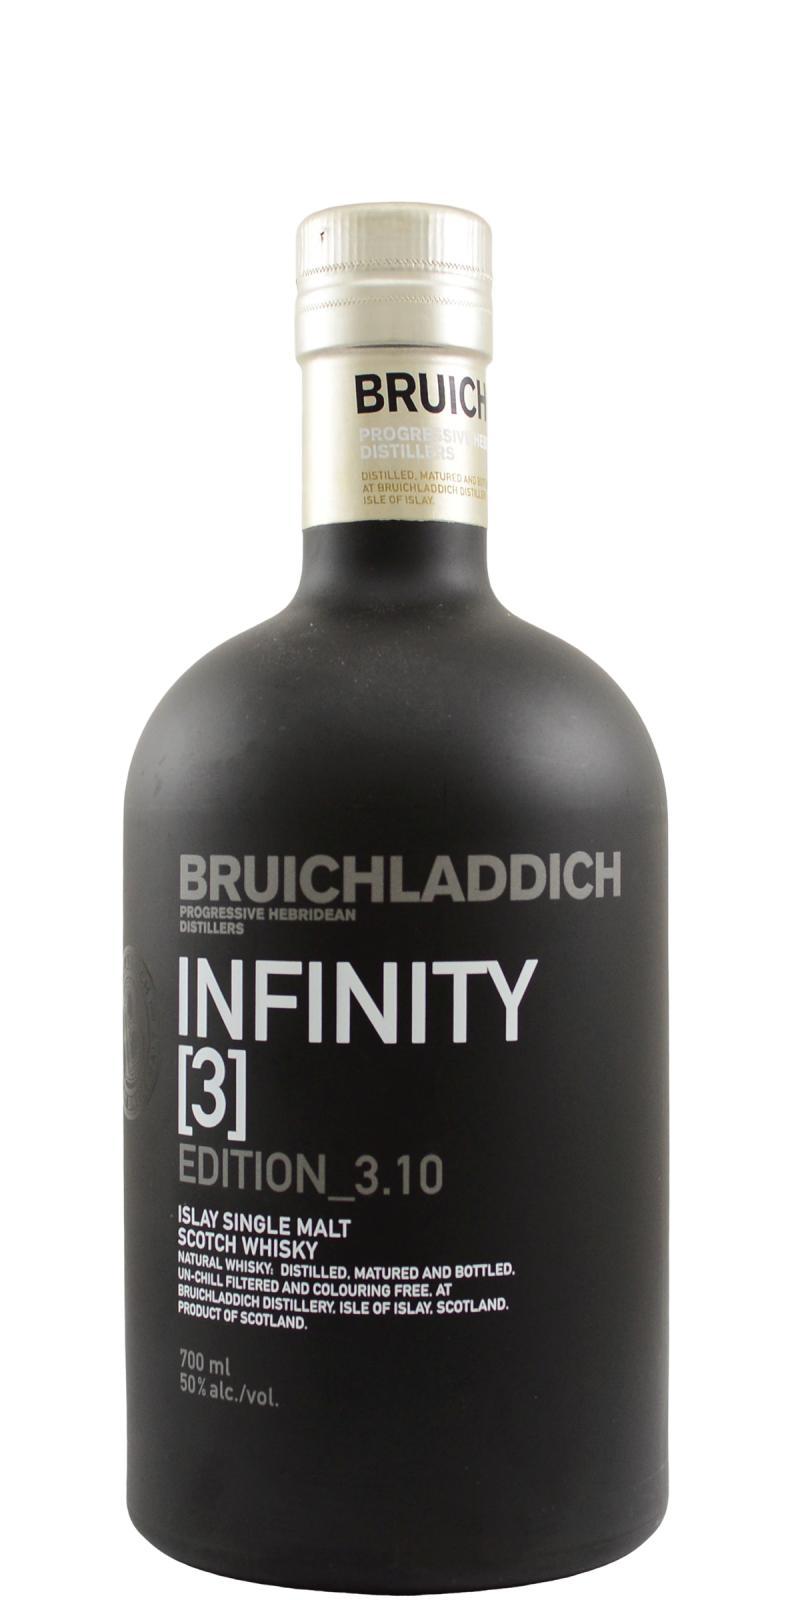 Bruichladdich Infinity [3] Edition_3.10